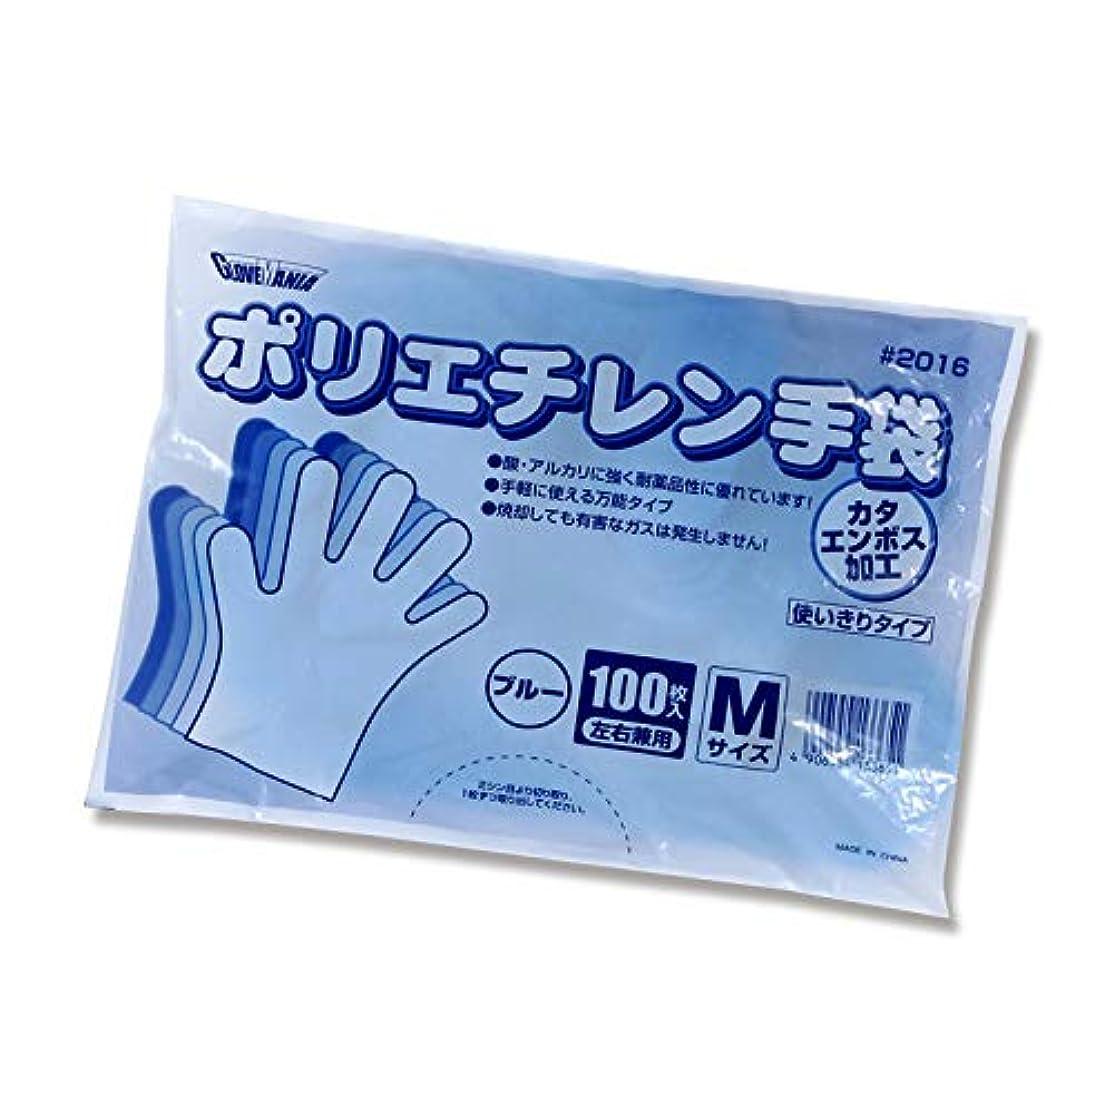 するだろういちゃつく名門【ポリ手袋】2016 ポリエチカタエンボスブルー Mサイズ 100枚